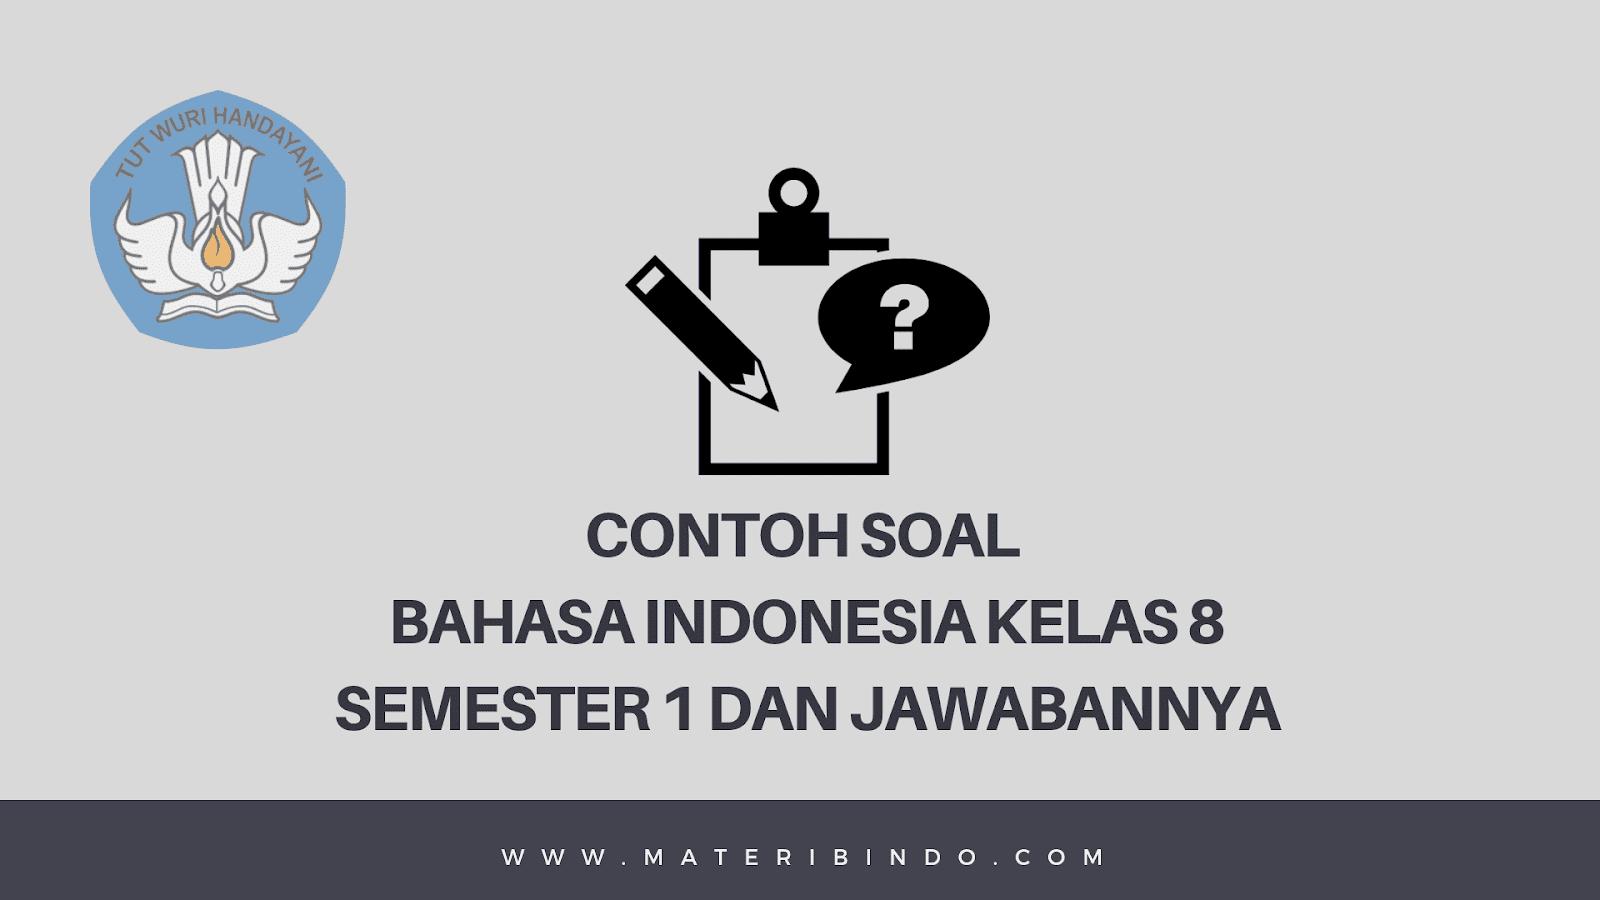 40 Contoh Soal Pg Bahasa Indonesia Kelas 8 Semester 1 K13 Dan Jawabannya